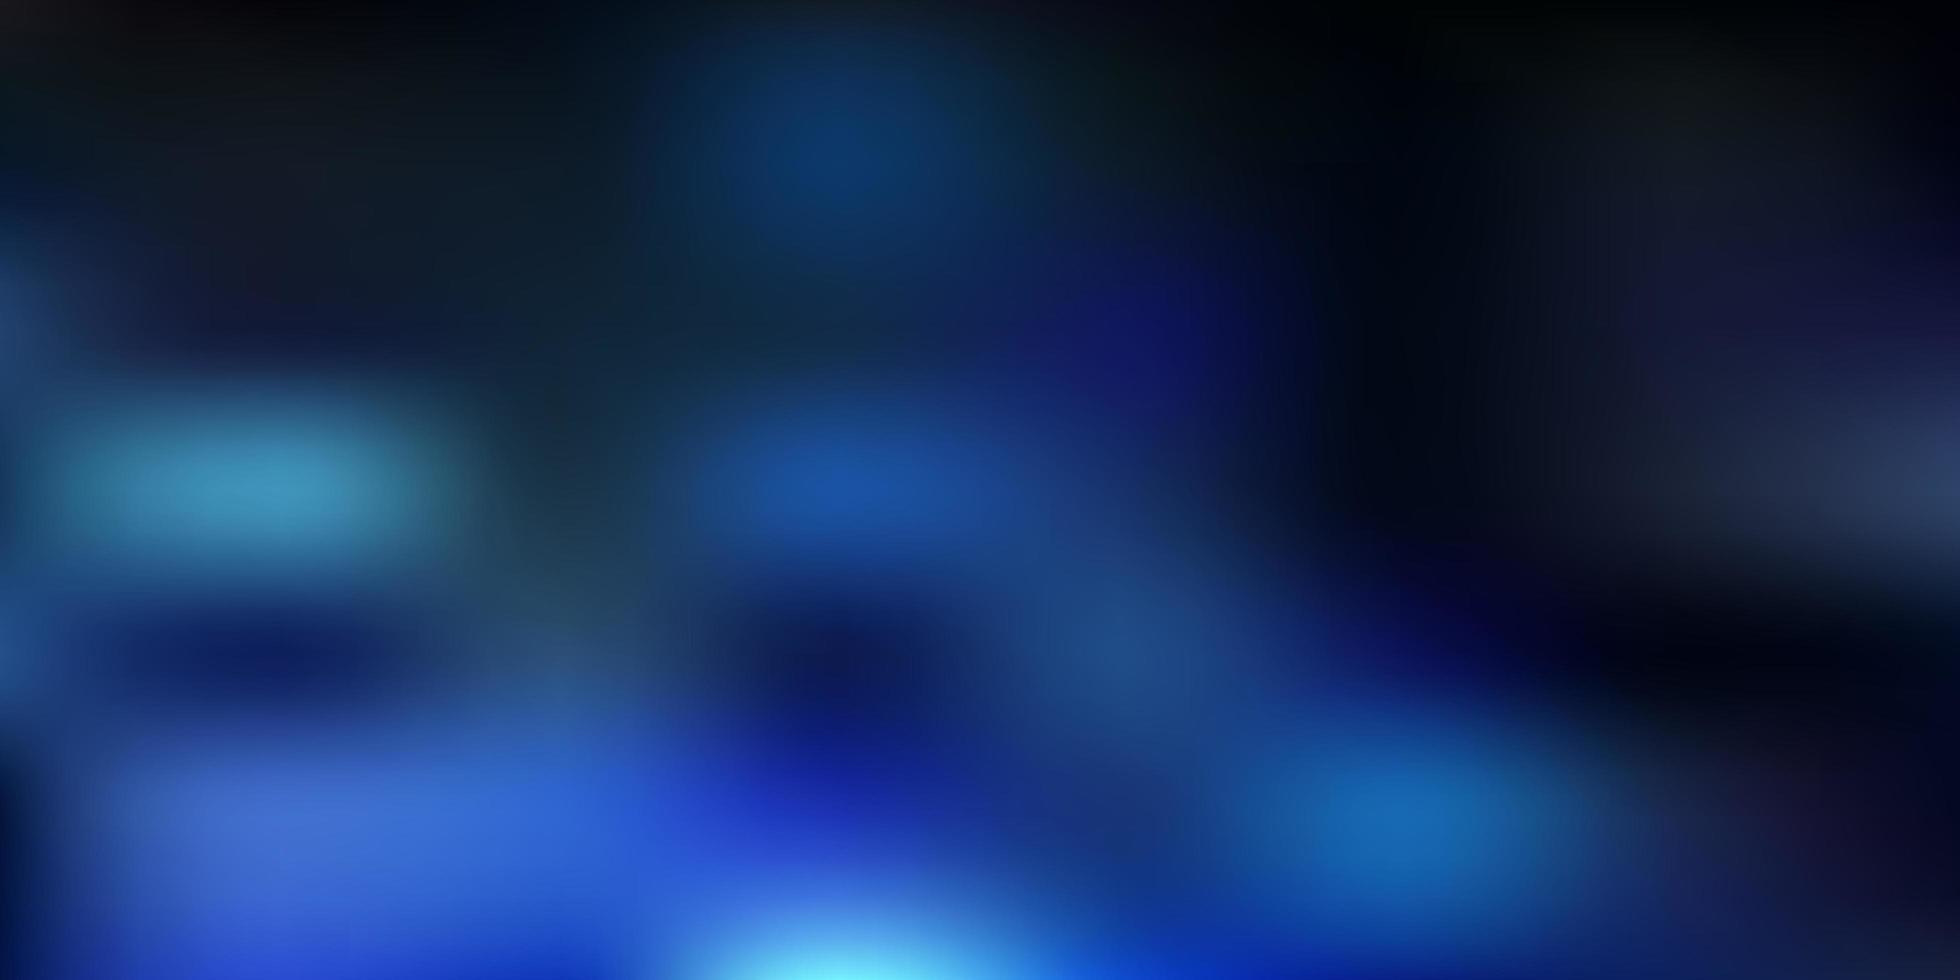 patrón de desenfoque abstracto vector azul claro